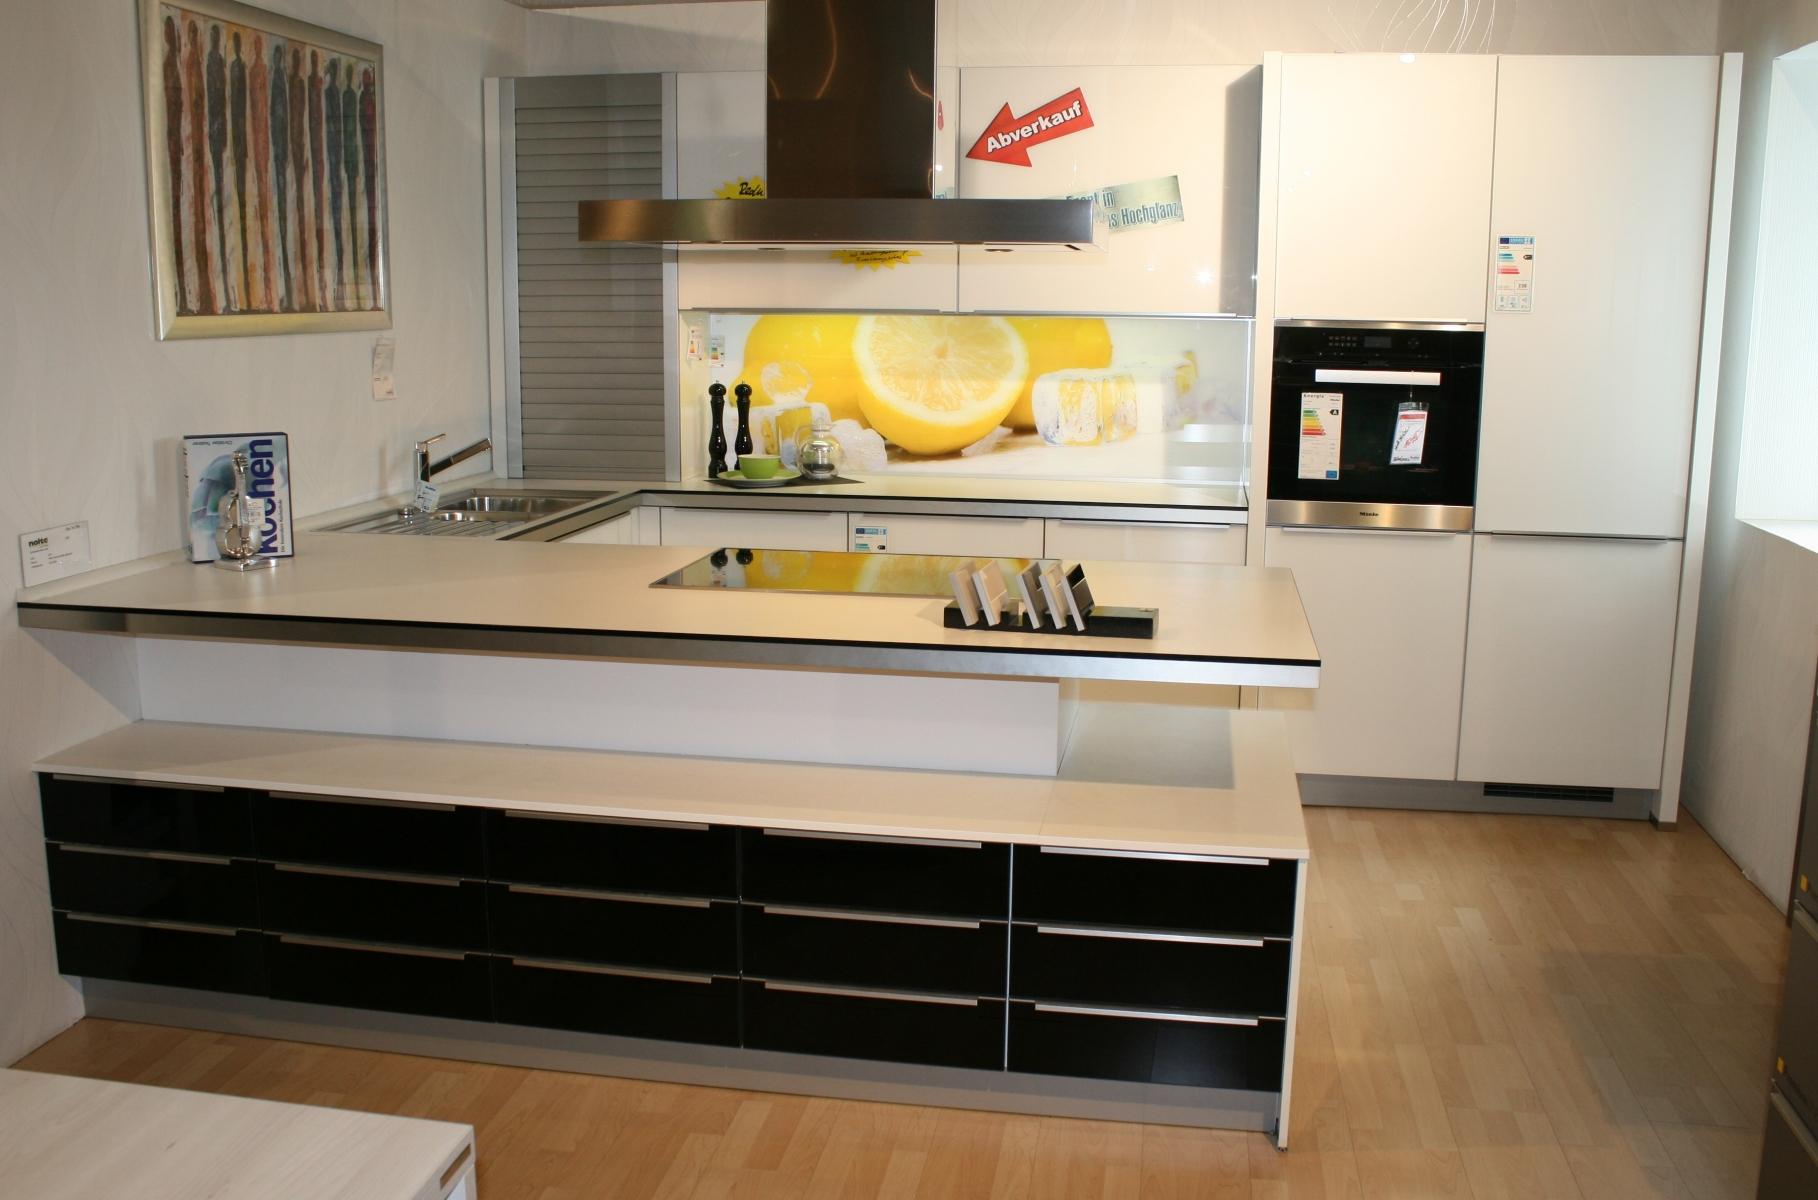 Full Size of Nolte Küchen Glasfront Design Einbaukche Glas Tec Plus 181286 Der Firma Regal Küche Schlafzimmer Betten Wohnzimmer Nolte Küchen Glasfront